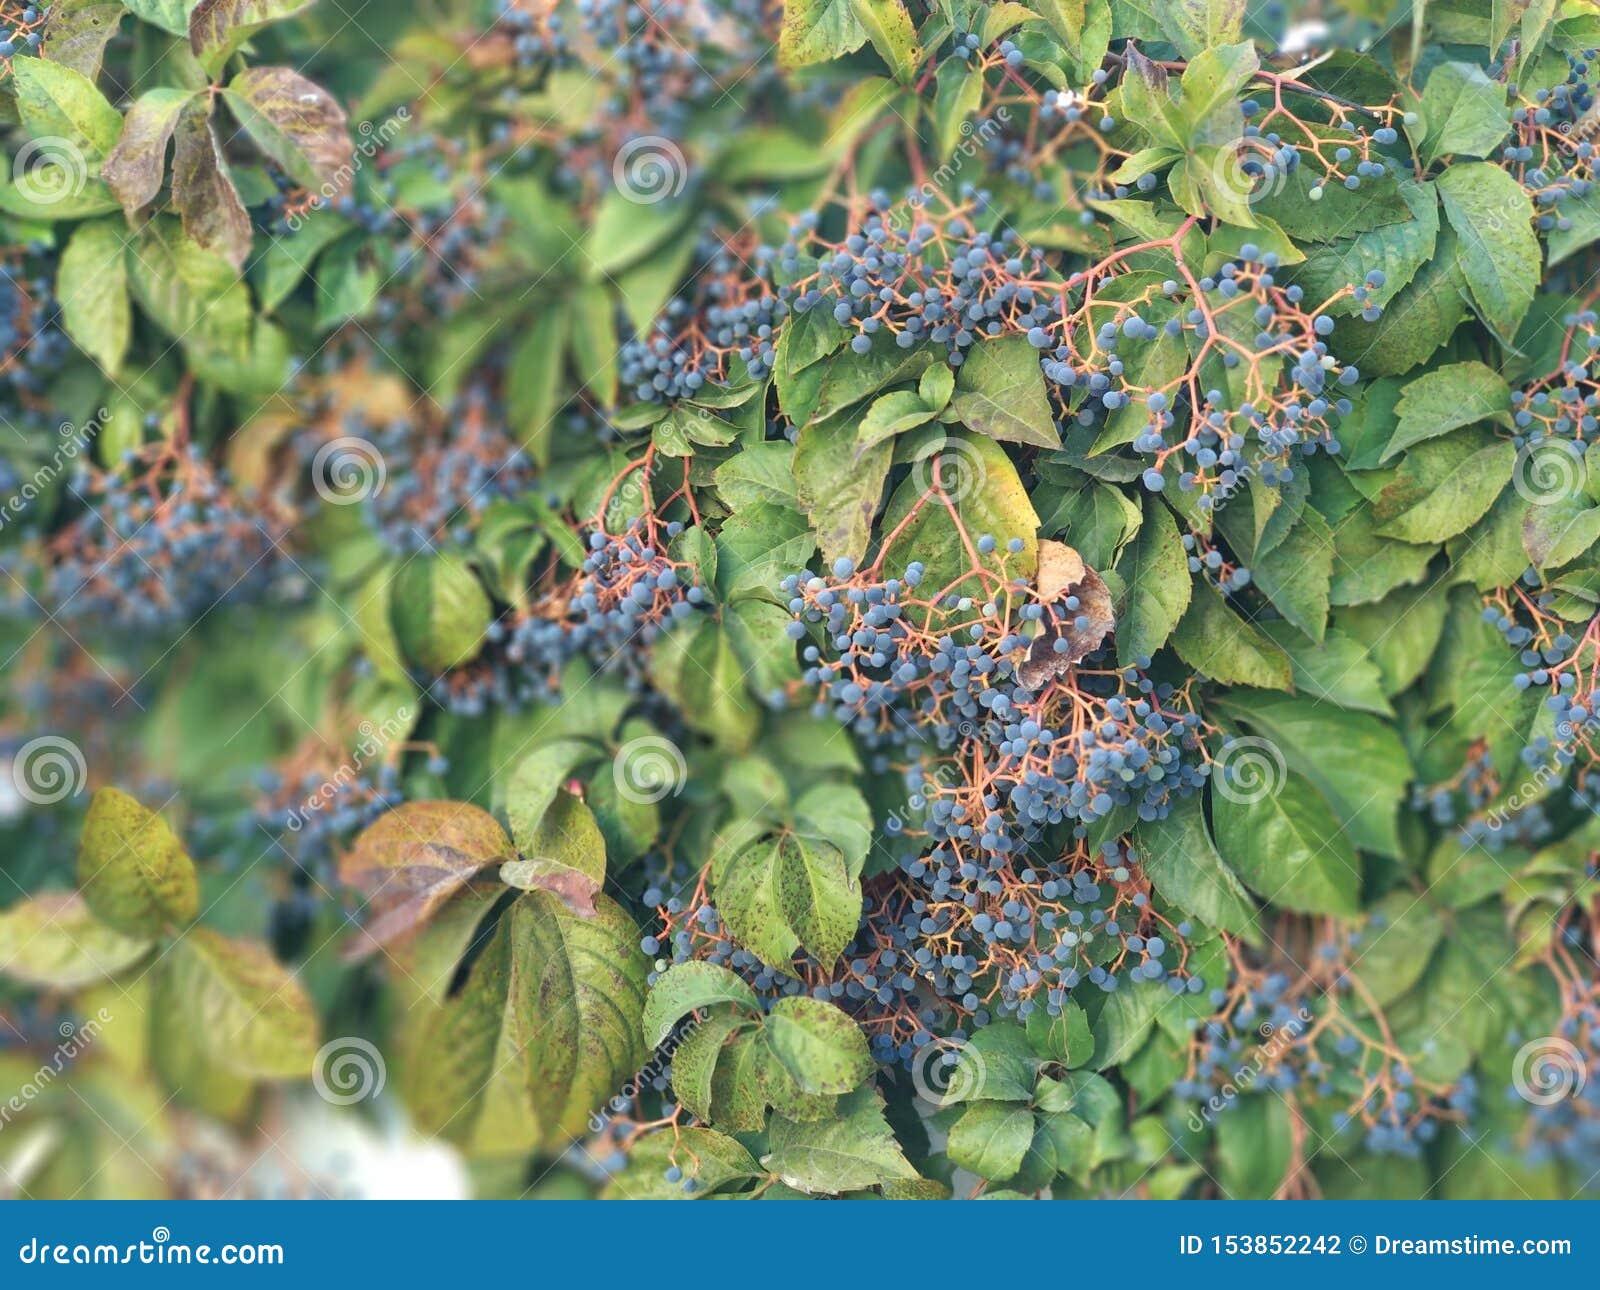 Planta verde com bagas azuis